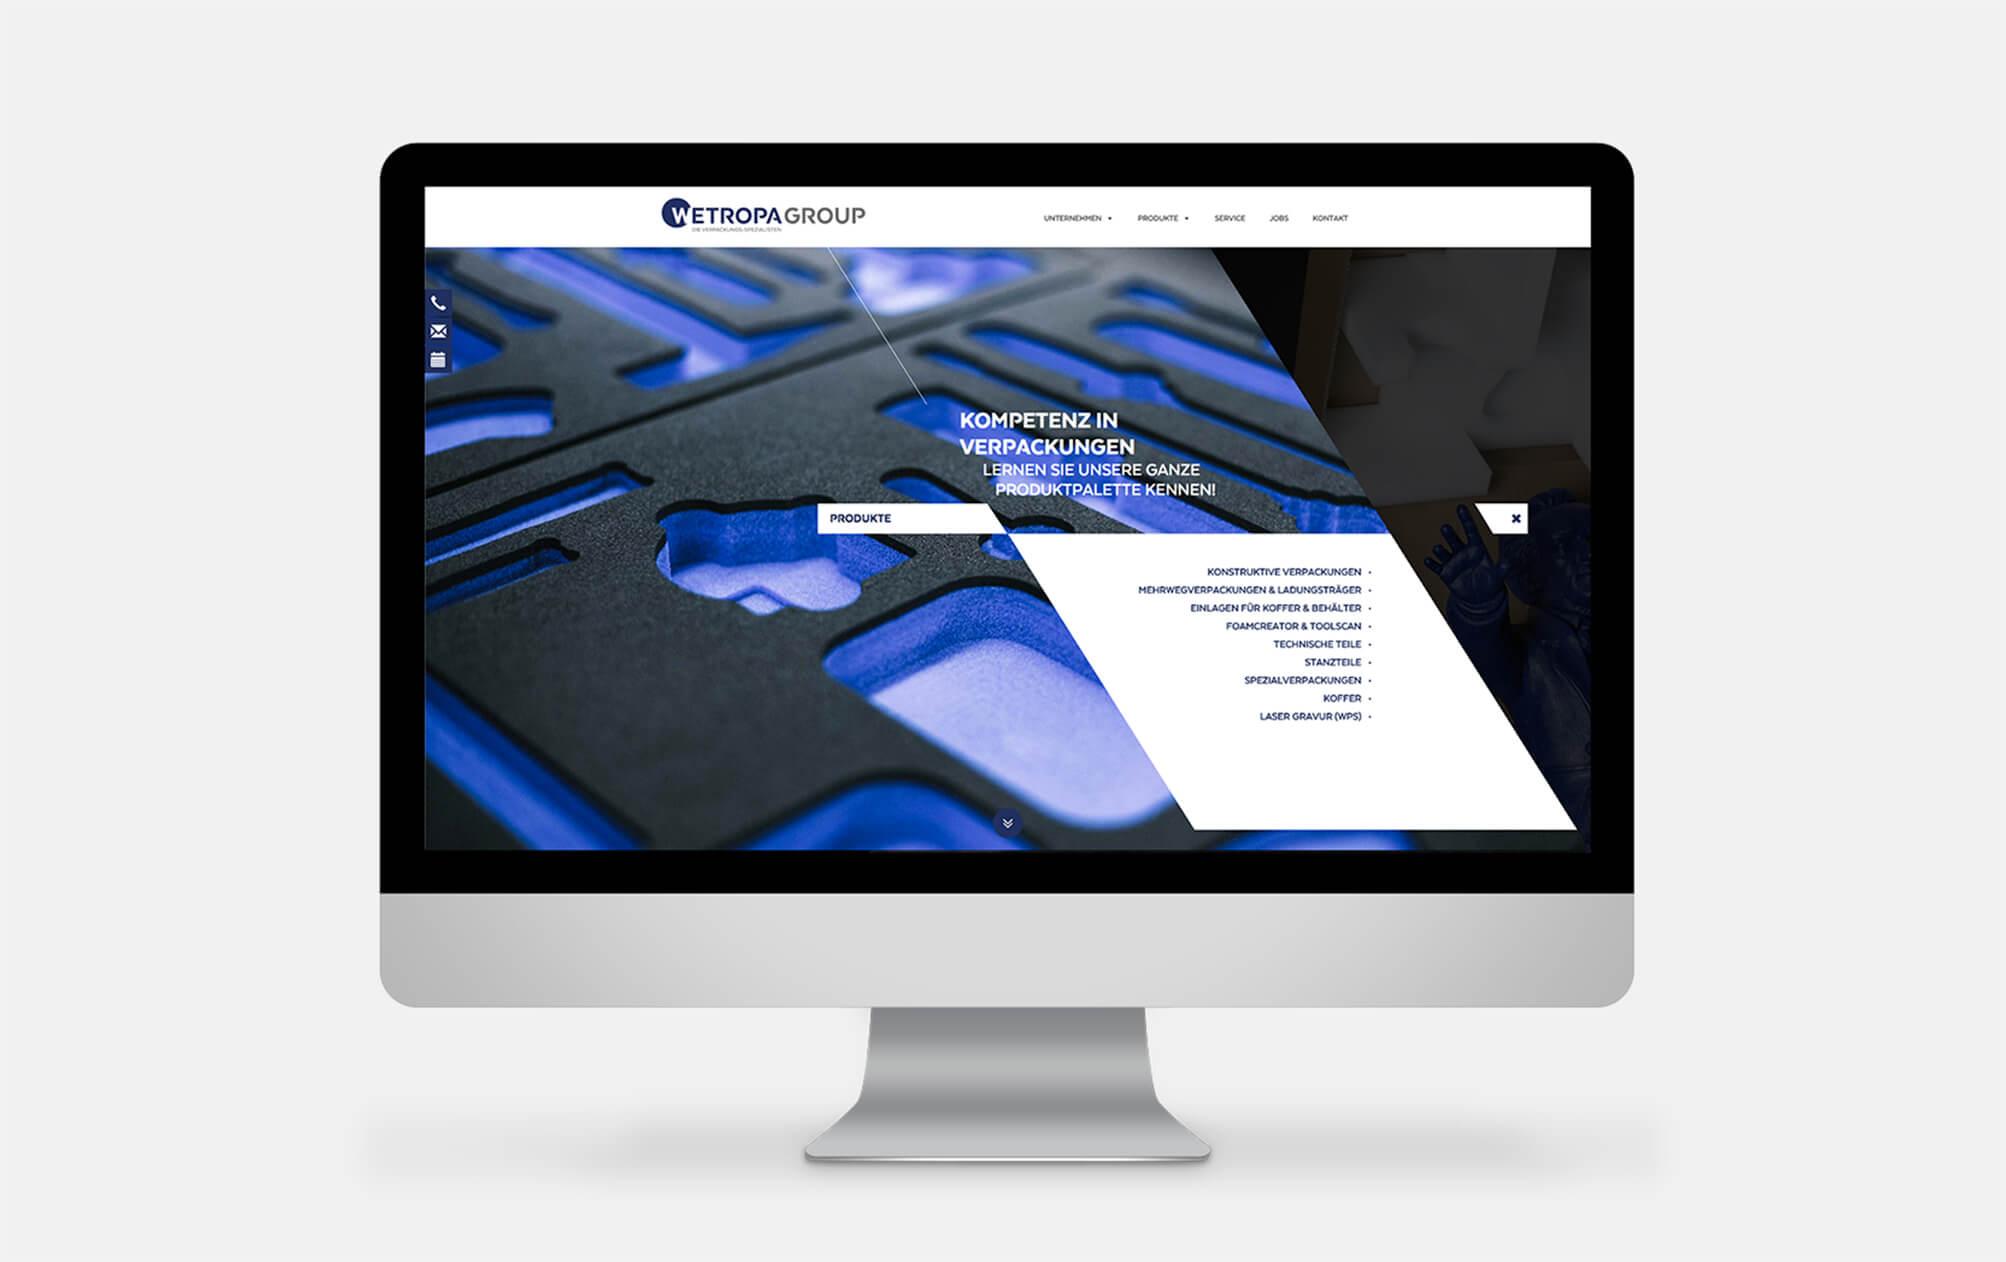 360vier_referenz_wetropa_08-2x Wetropa Kunststoffverarbeitung GmbH & Co. KG